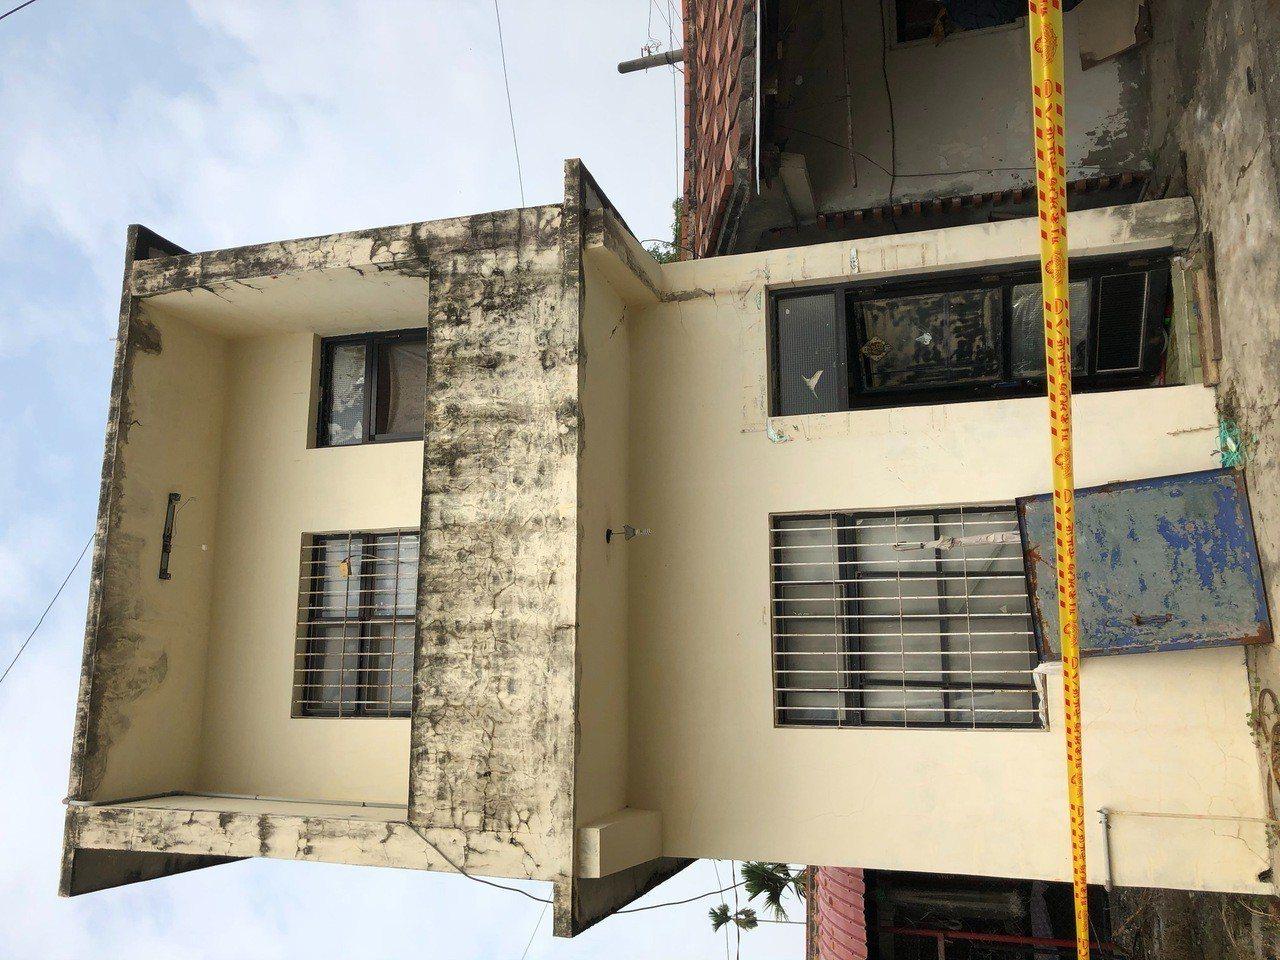 地下製毒工廠,發生爆炸意外,曾姓嫌犯因嚴重燒燙傷不治身亡。記者江國豪/翻攝